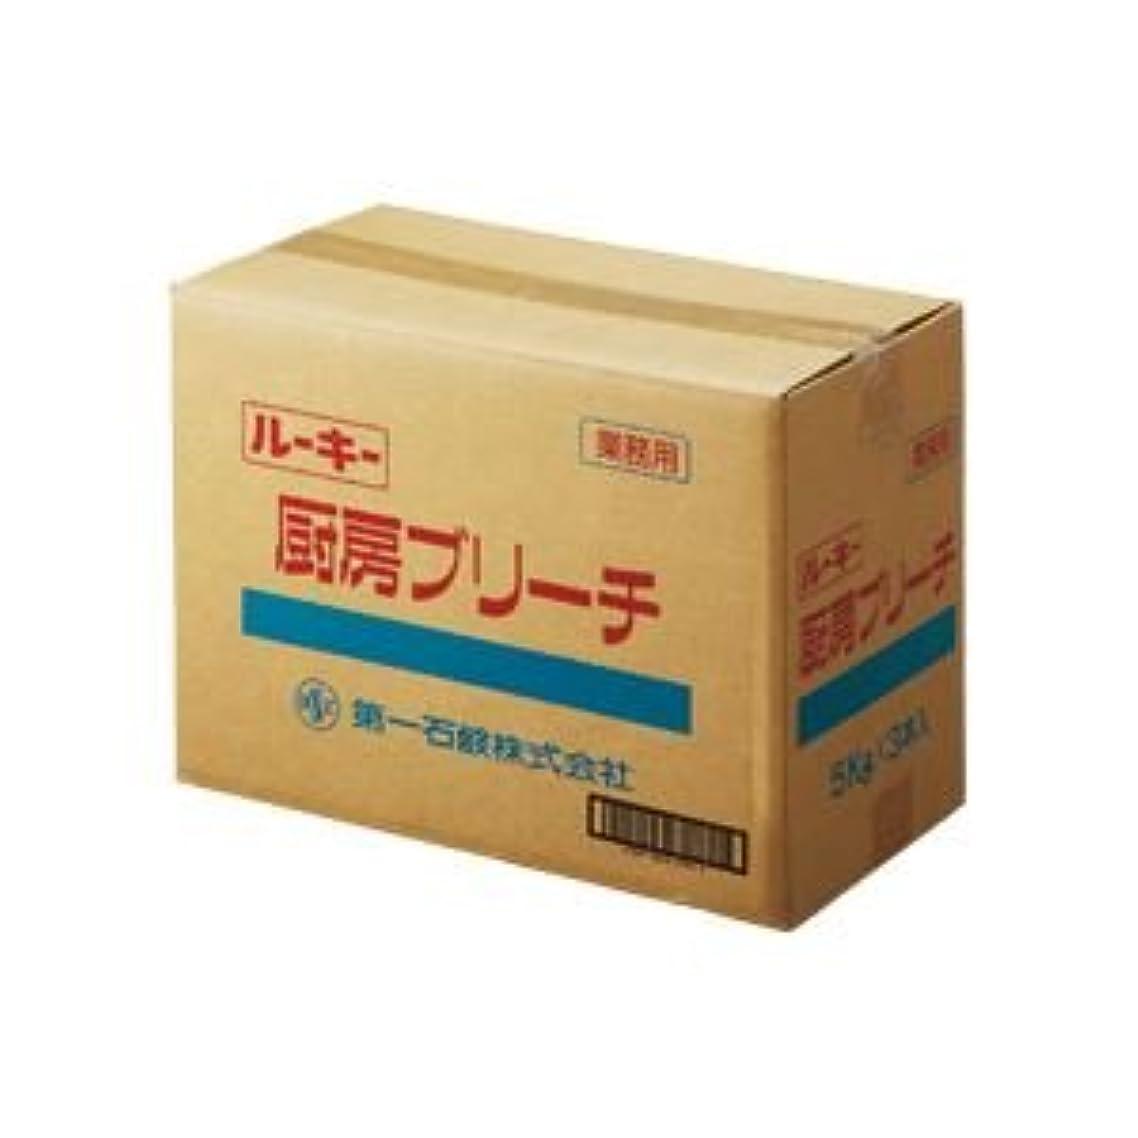 戦艦移植個性(まとめ) 第一石鹸 ルーキー 厨房ブリーチ 業務用 5kg/本 1セット(3本) 【×2セット】